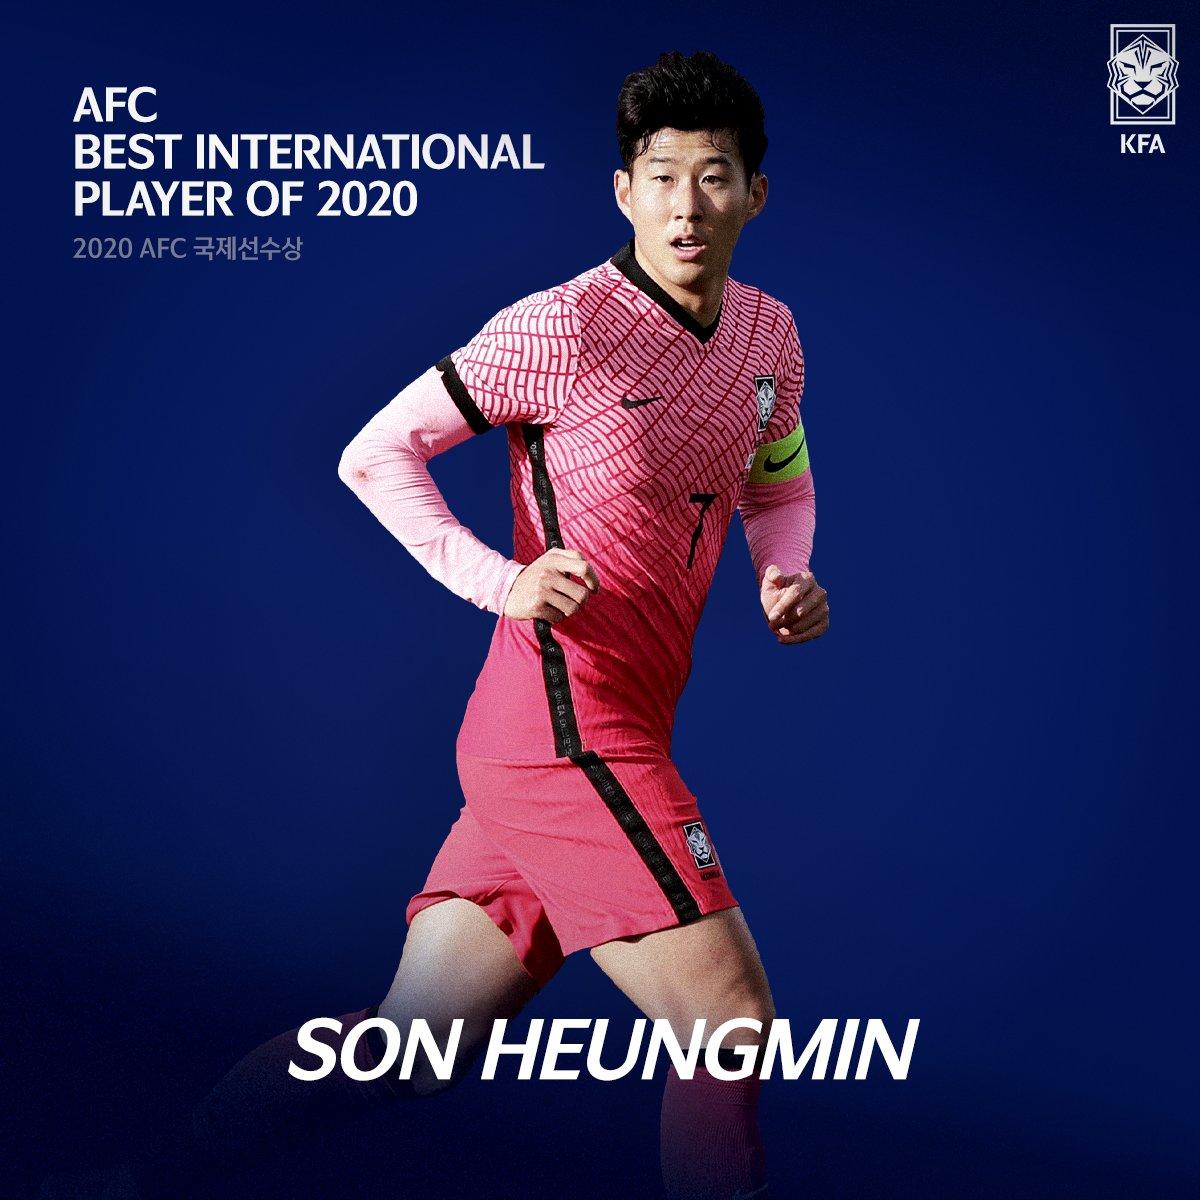 이 선수의 국적은 대한민국입니다!🇰🇷 #손흥민! 2020 AFC 국제선수상 수상!🎉🎉  #AFC #Best_International_Player_of_2020